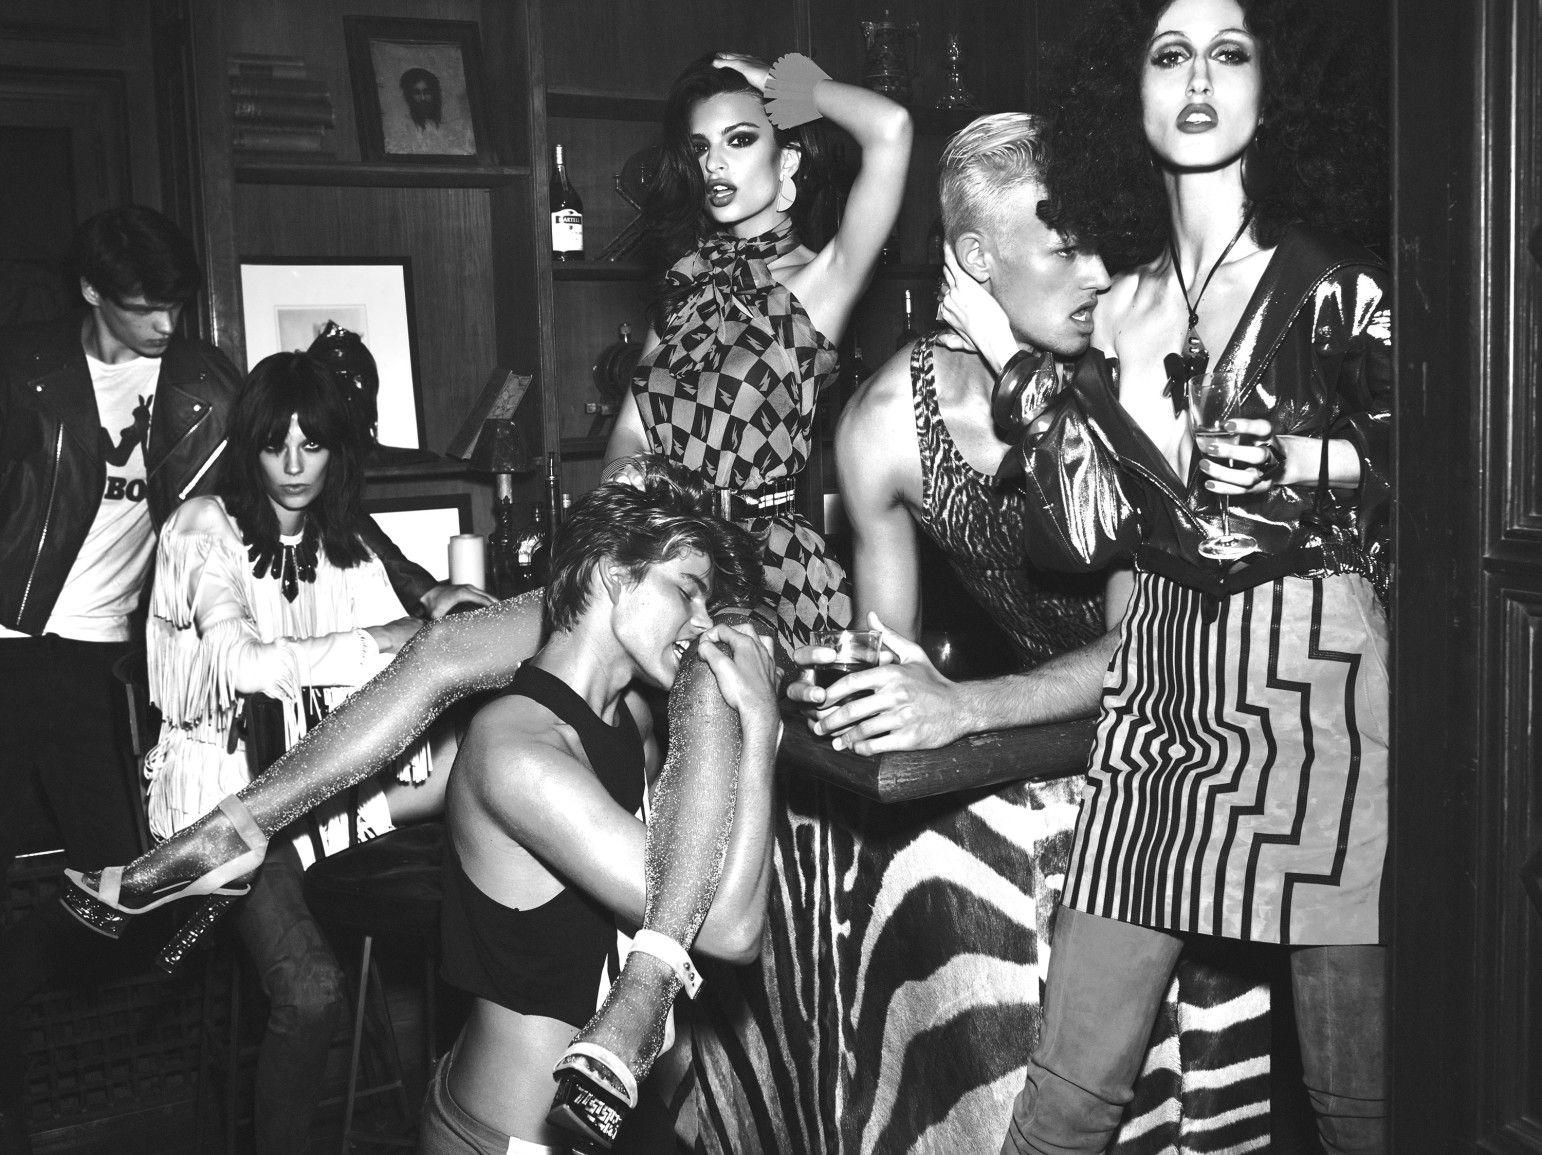 Ретро вечеринка восьмидесятых картинки